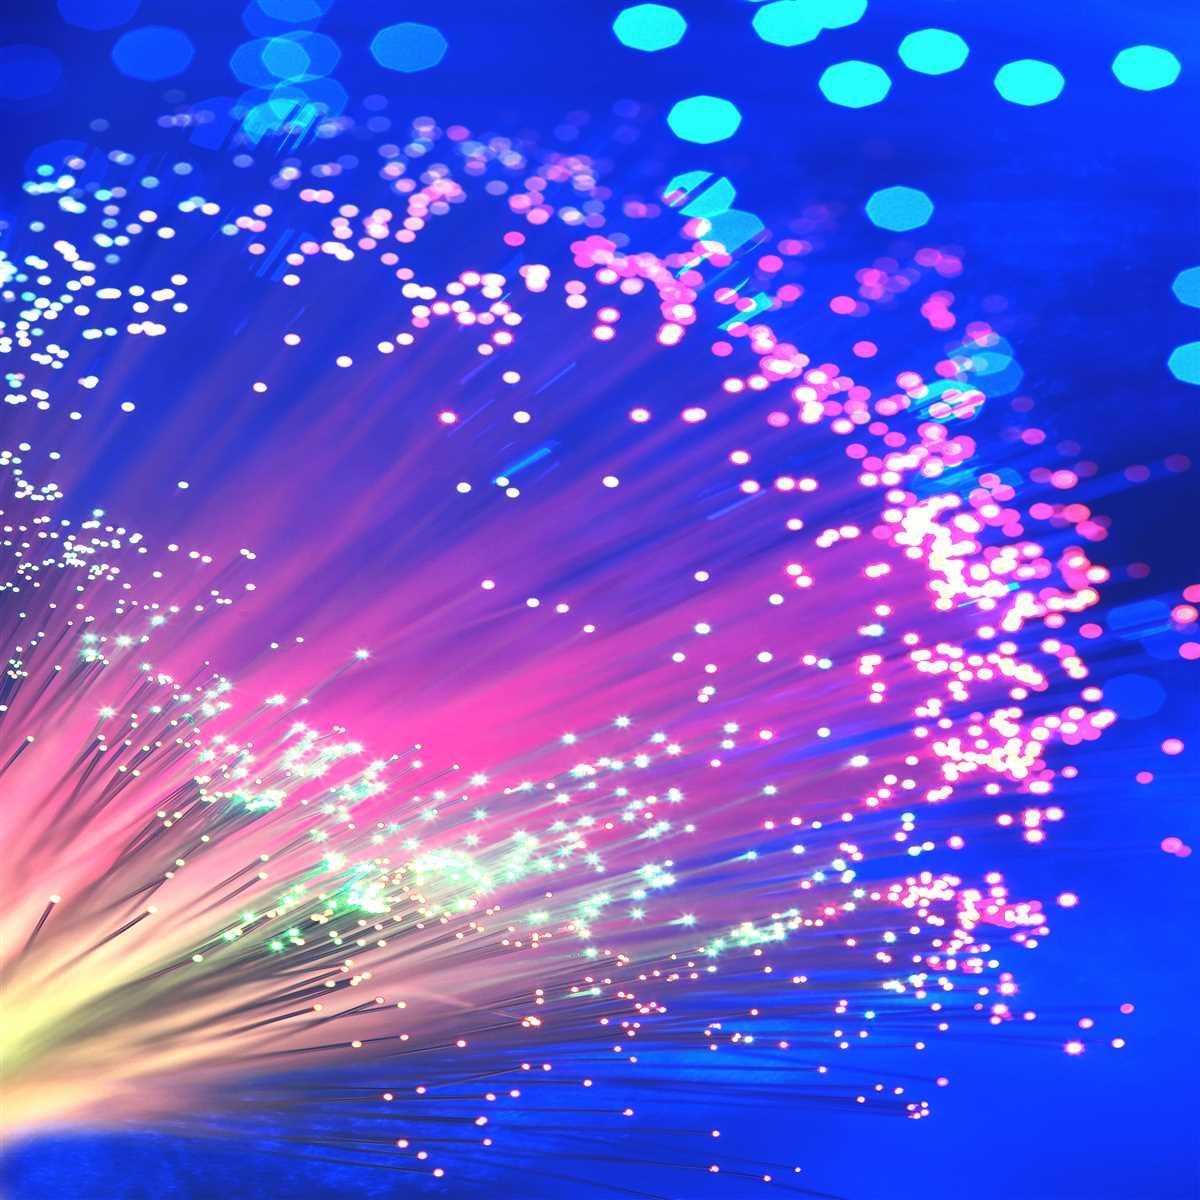 Le migliori offerte fibra per connettersi in casa alla massima velocità